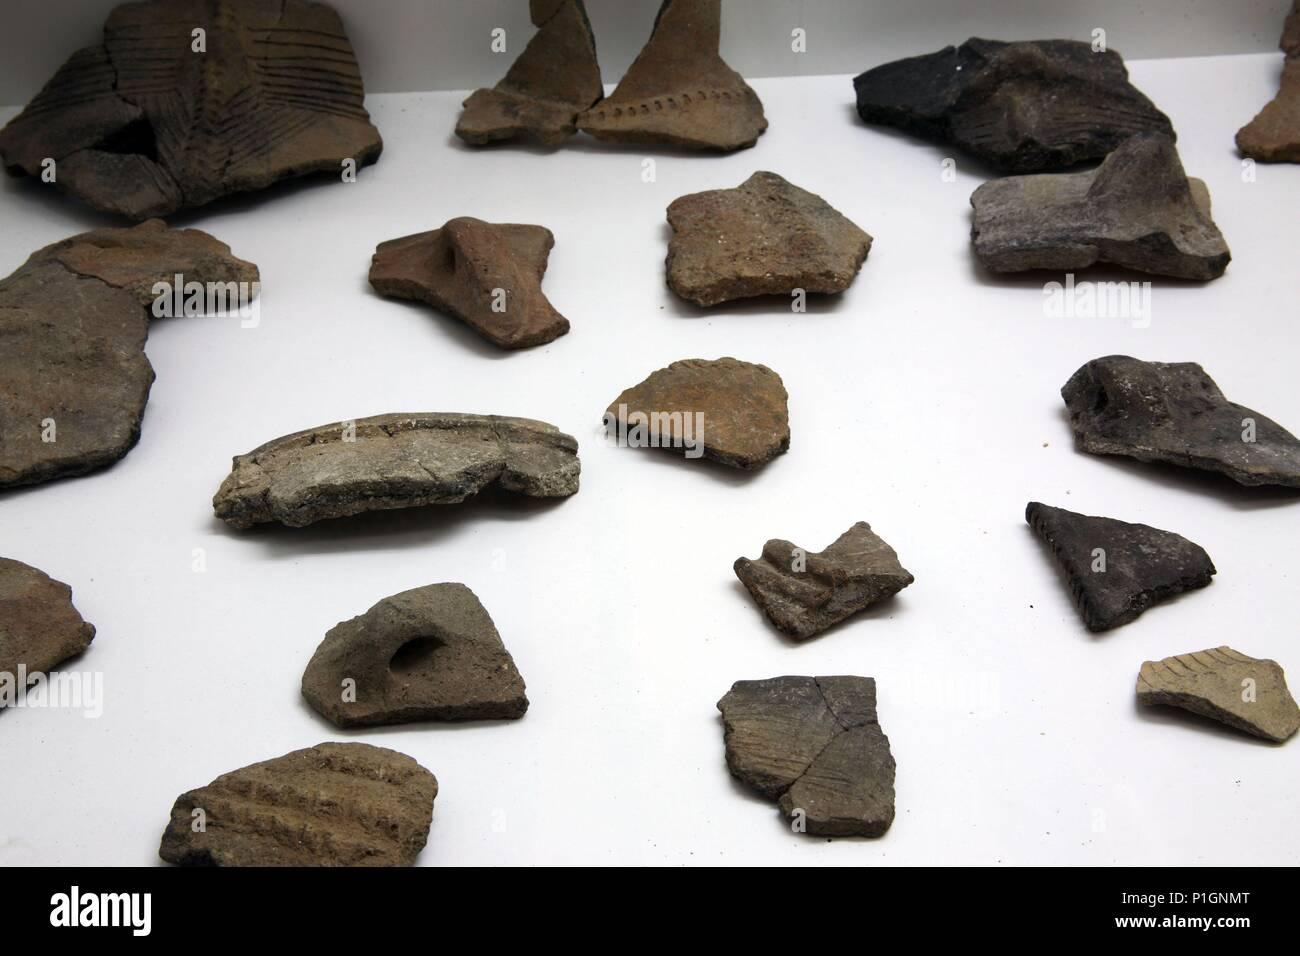 SPAIN - Cuenca de Mula (district) - MURCIA. Cehegín; Museo de Arqueología; piezas de cerámica procedentes de Yacimientos de Peñarubia (época neolítica). - Stock Image